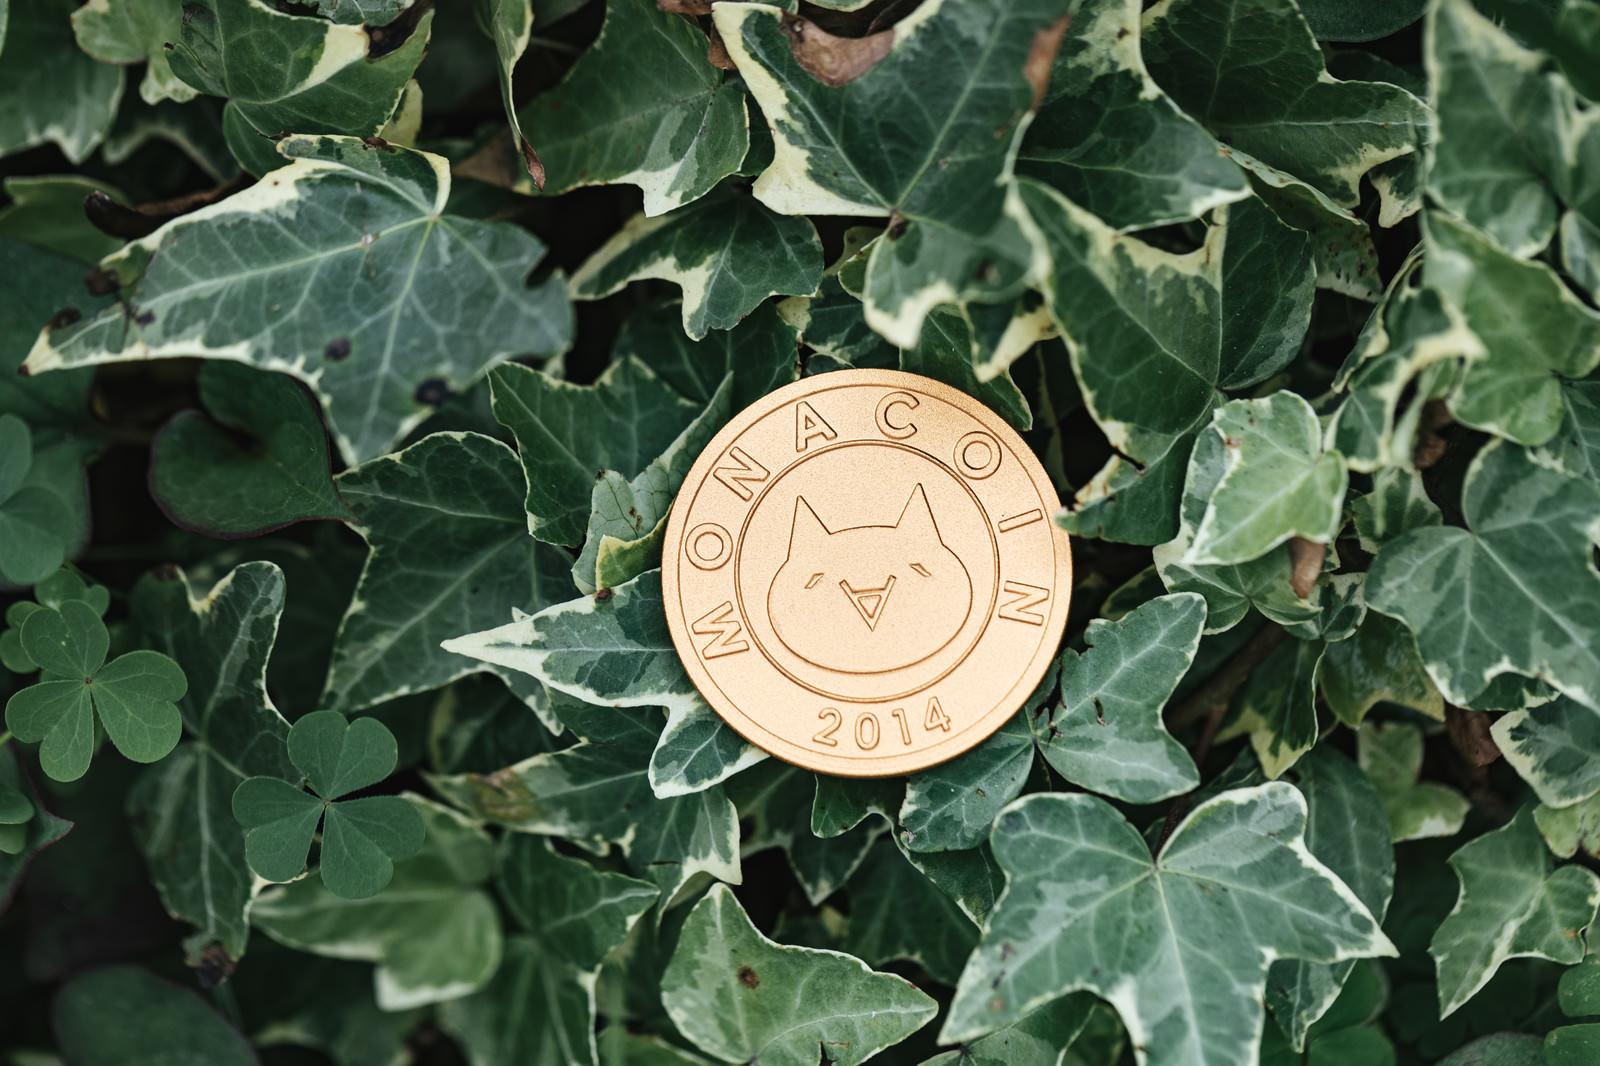 「モナコイン草」の写真